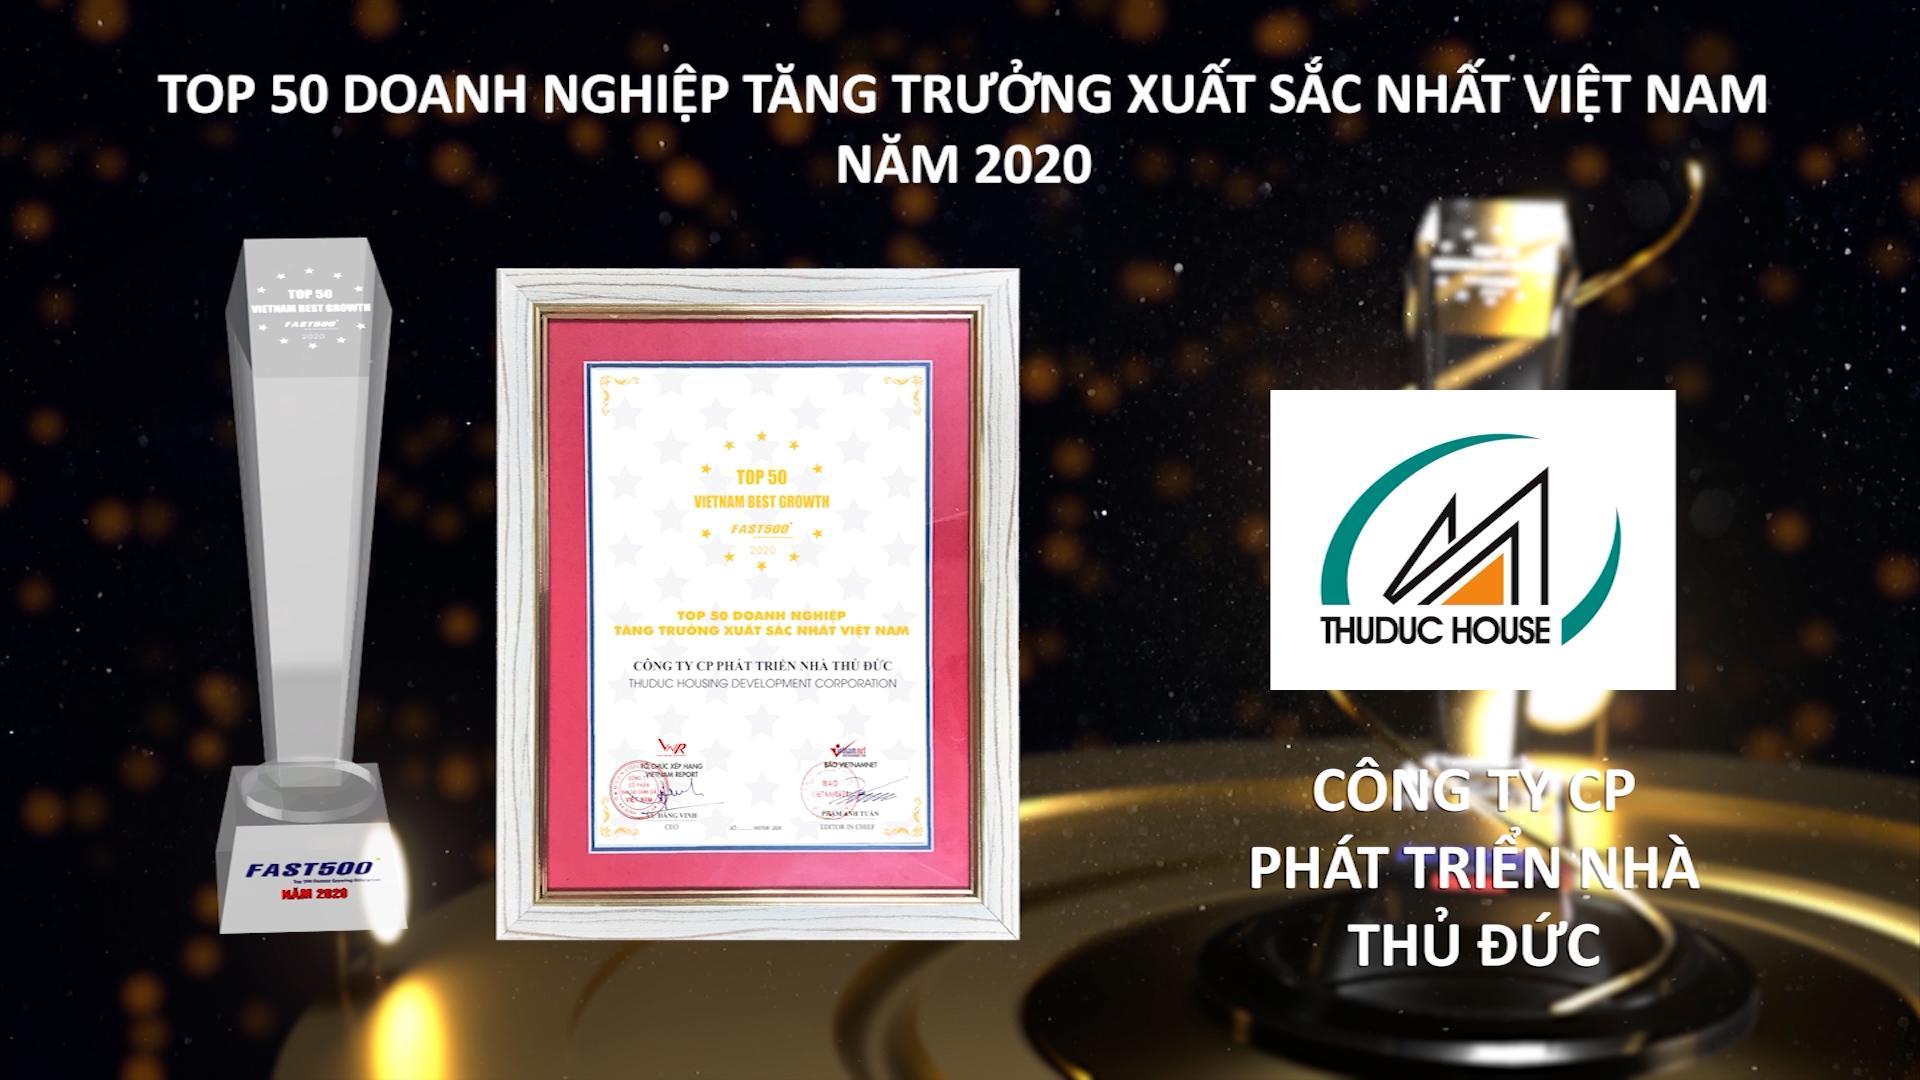 """Thuduc House vinh dự nhận danh hiệu """"Top 50 doanh nghiệp tăng trưởng xuất sắc nhất Việt Nam năm 2020"""""""